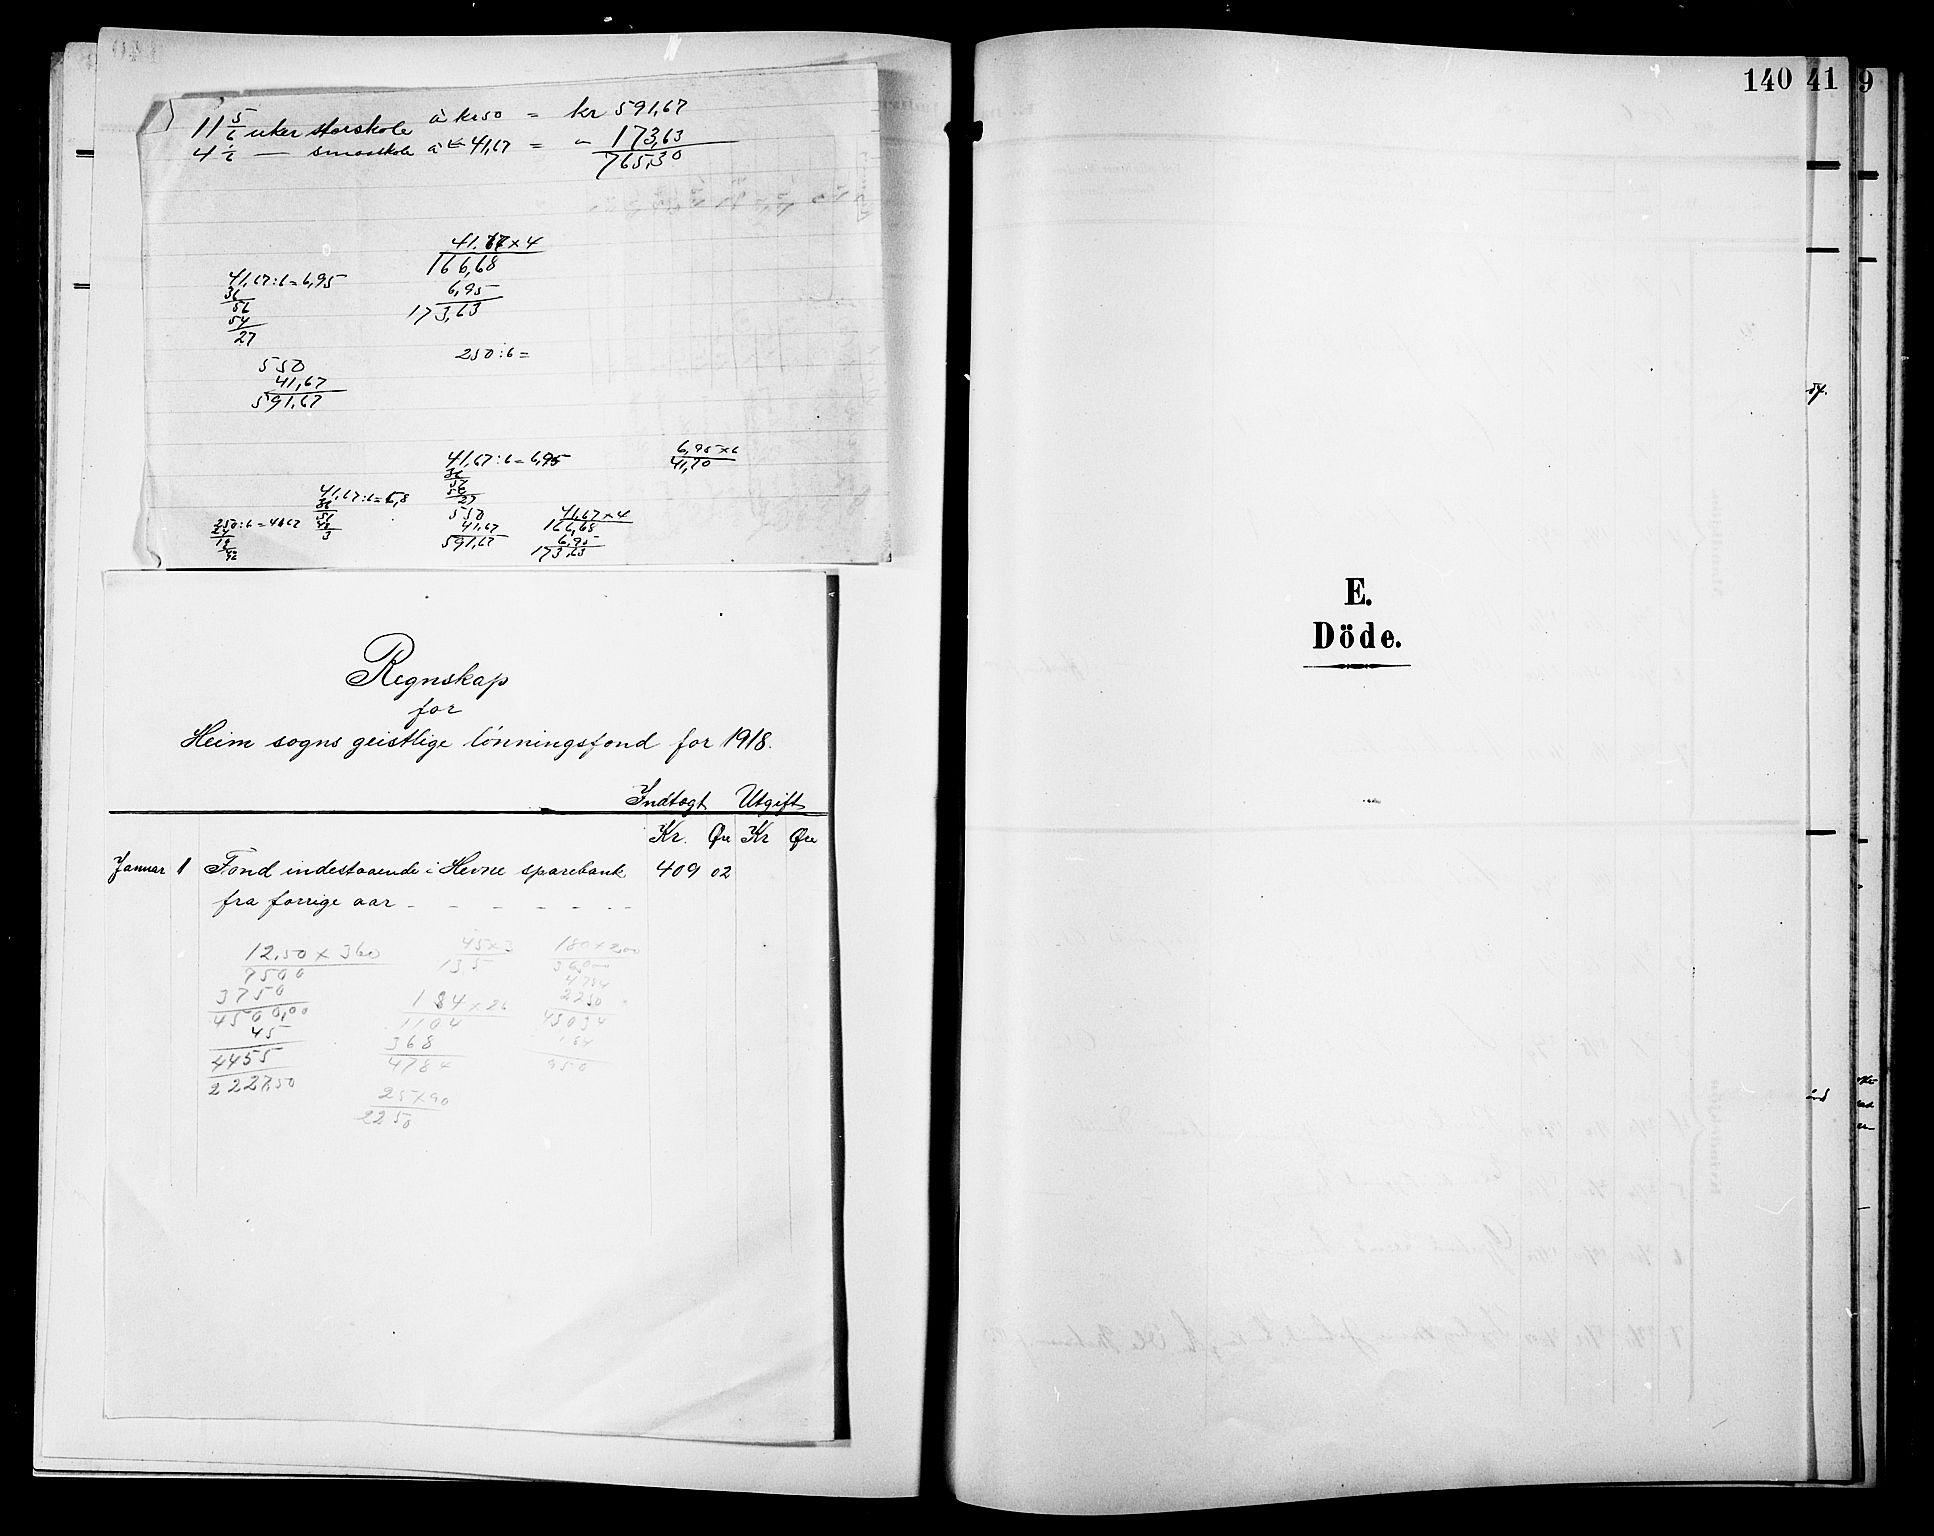 SAT, Ministerialprotokoller, klokkerbøker og fødselsregistre - Sør-Trøndelag, 633/L0520: Klokkerbok nr. 633C02, 1906-1921, s. 140